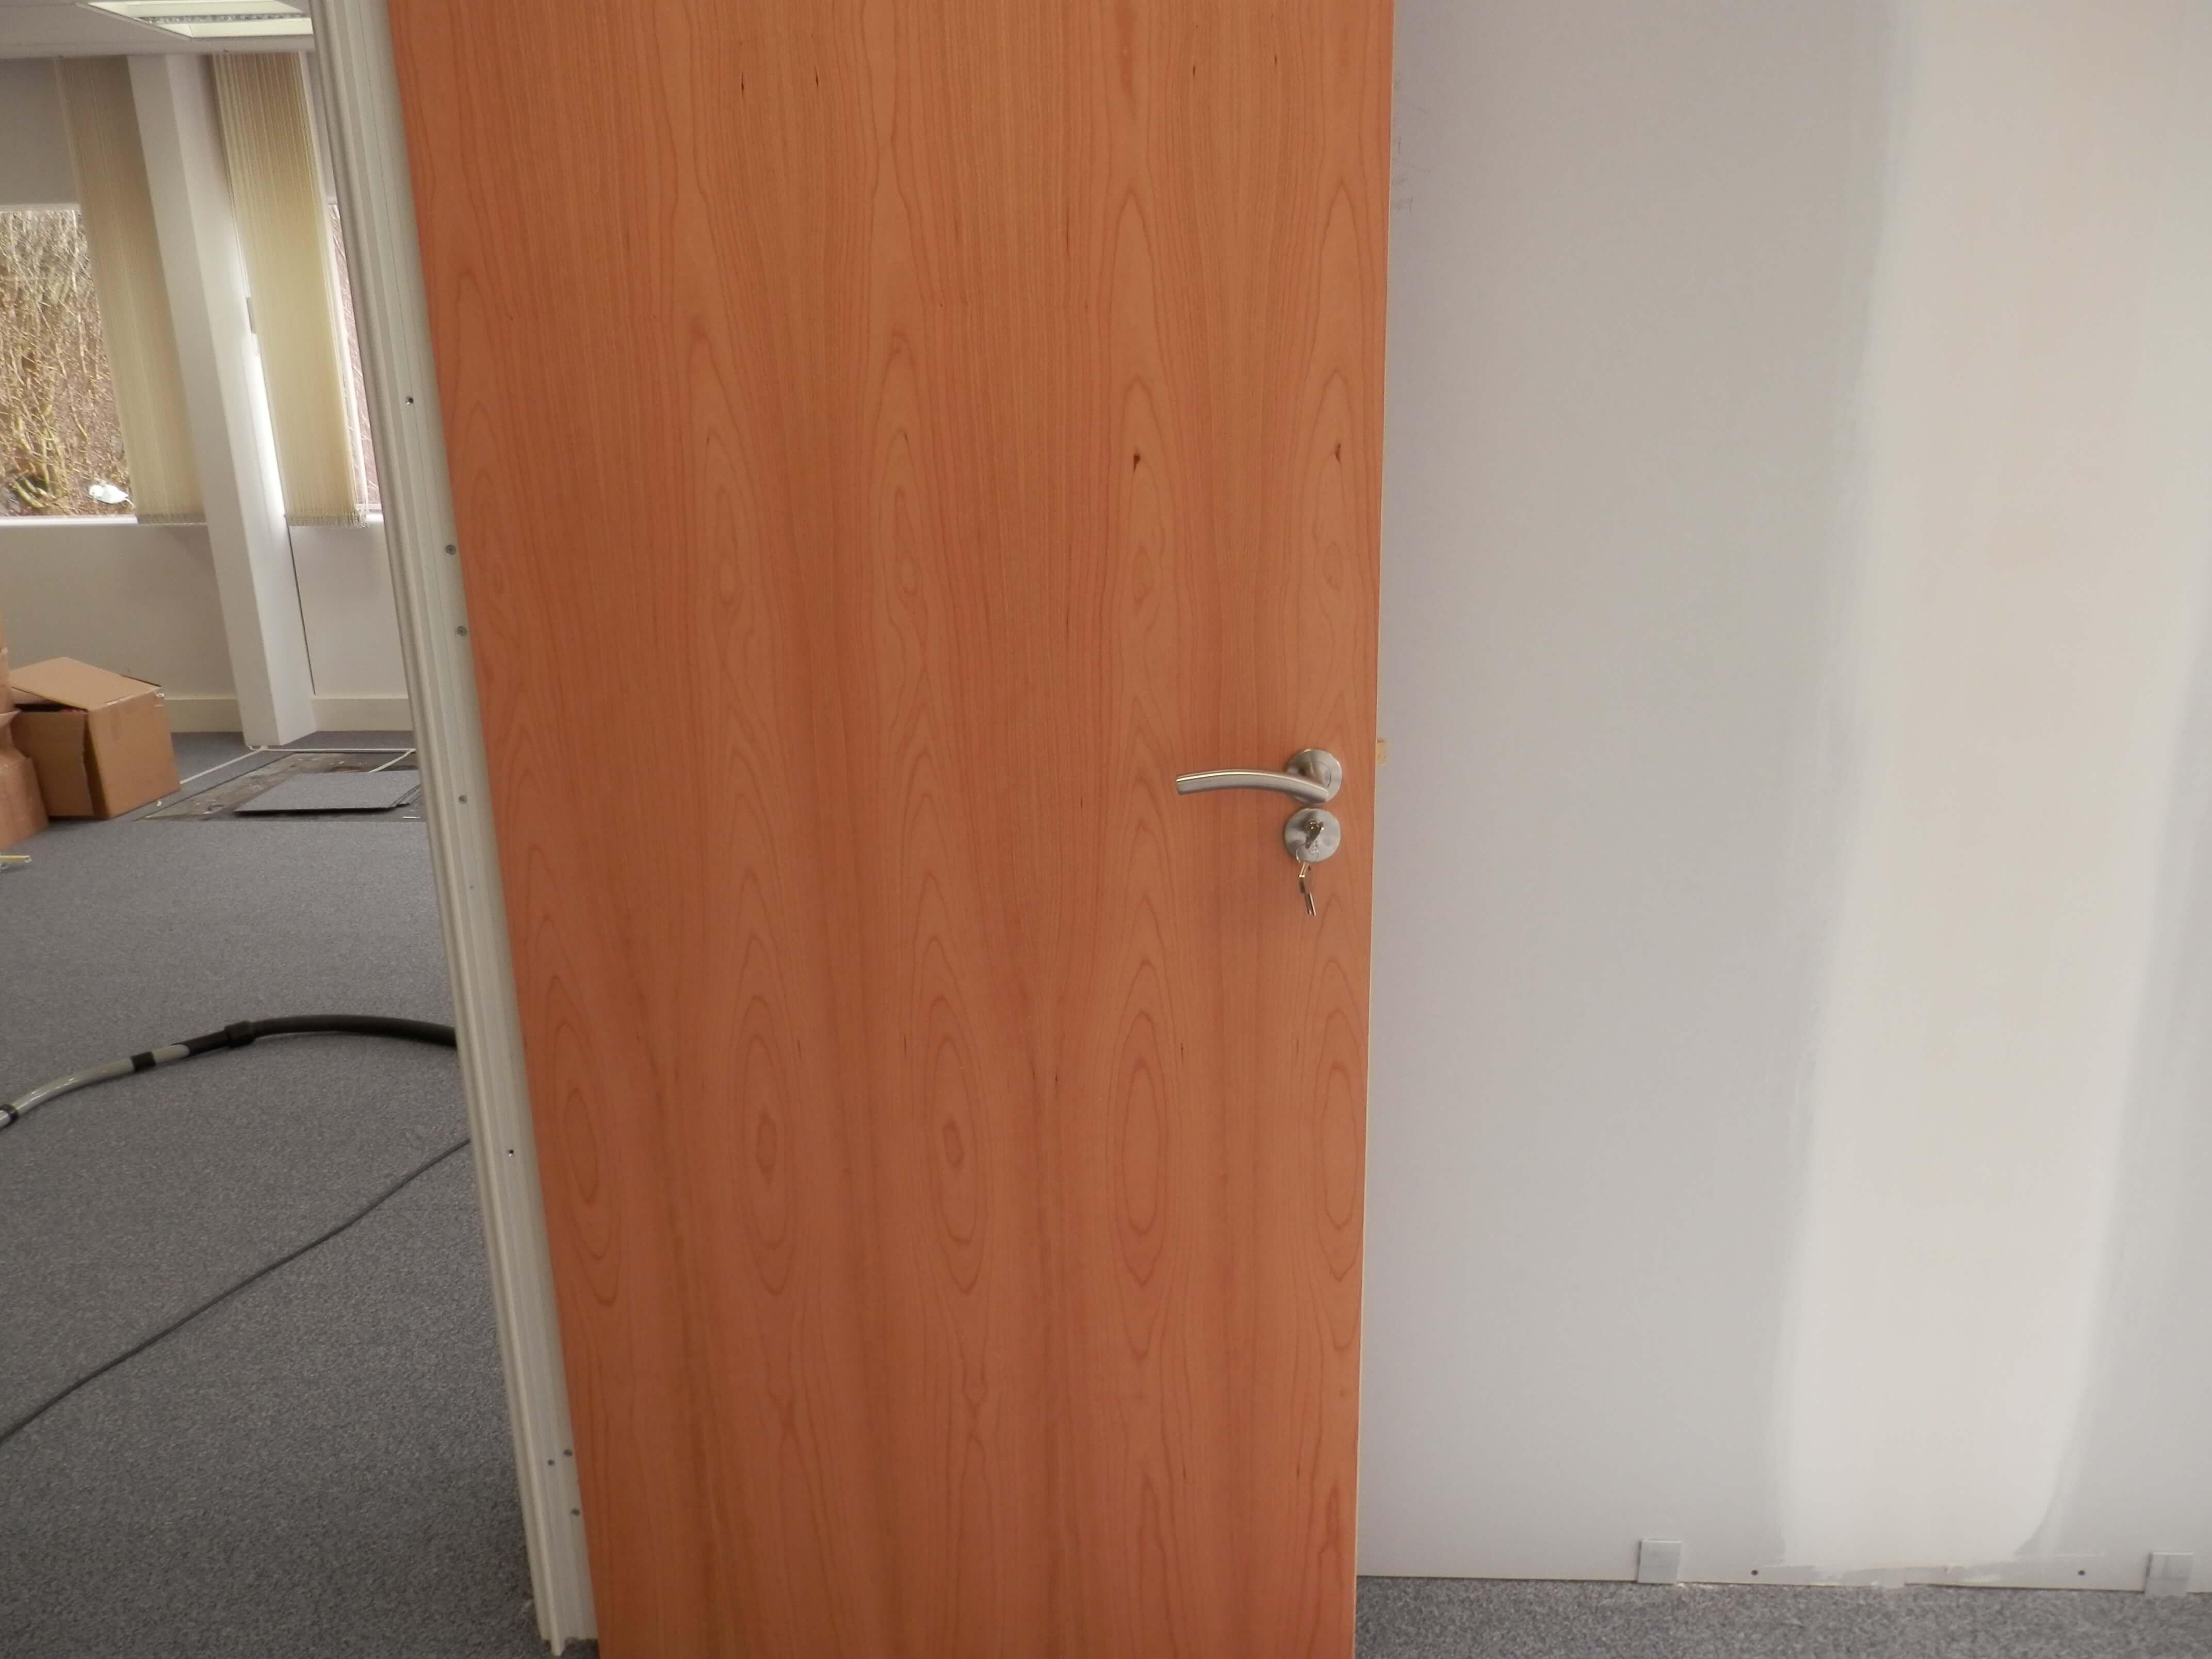 Nice door handles.